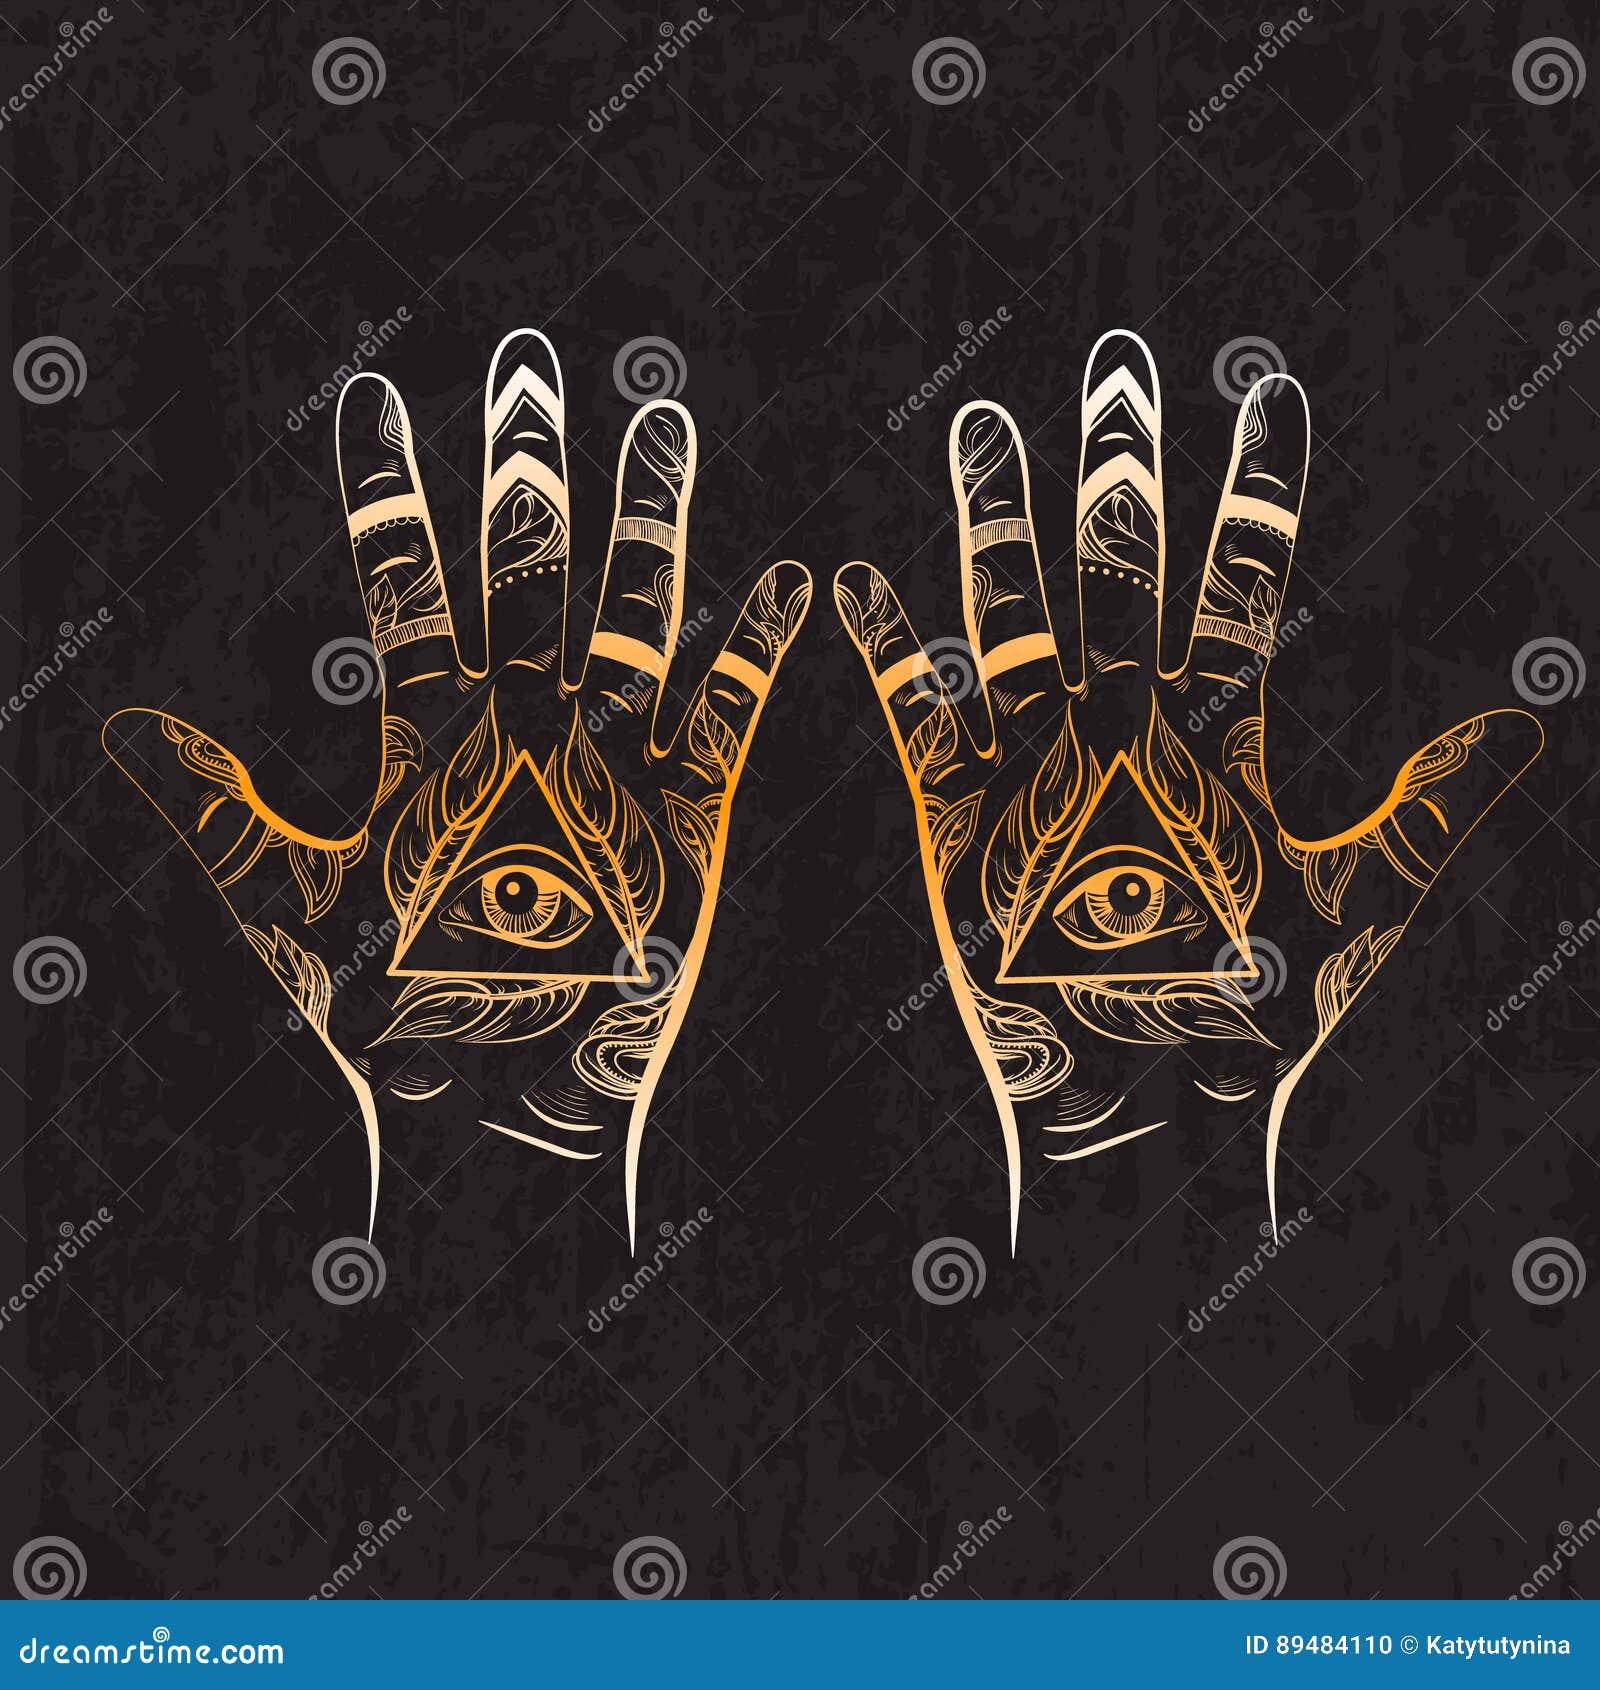 Illusitration da mão com todo o símbolo de vista da pirâmide do olho